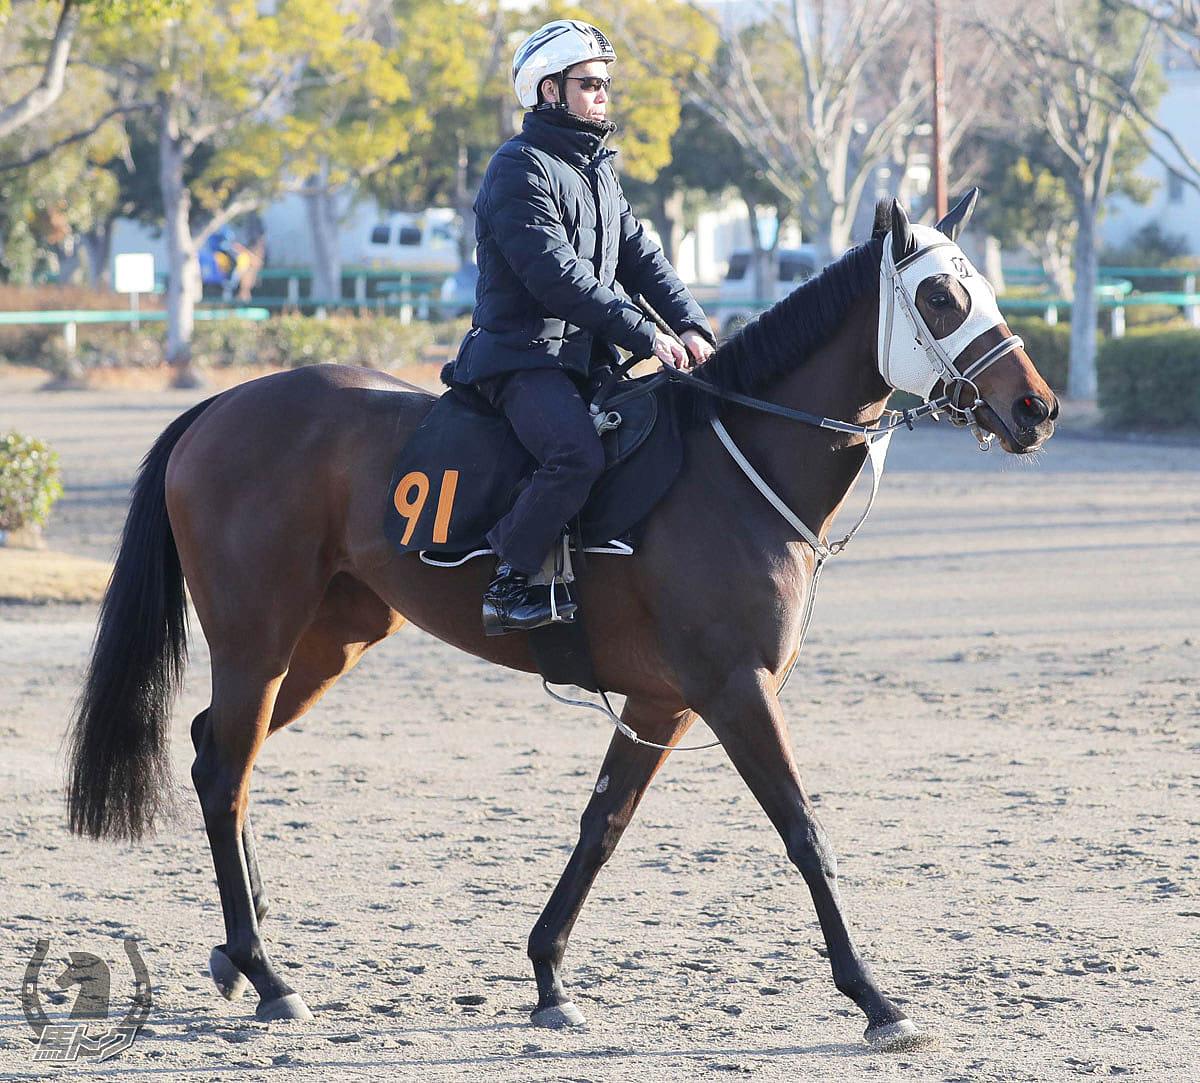 アールクインダムの馬体写真